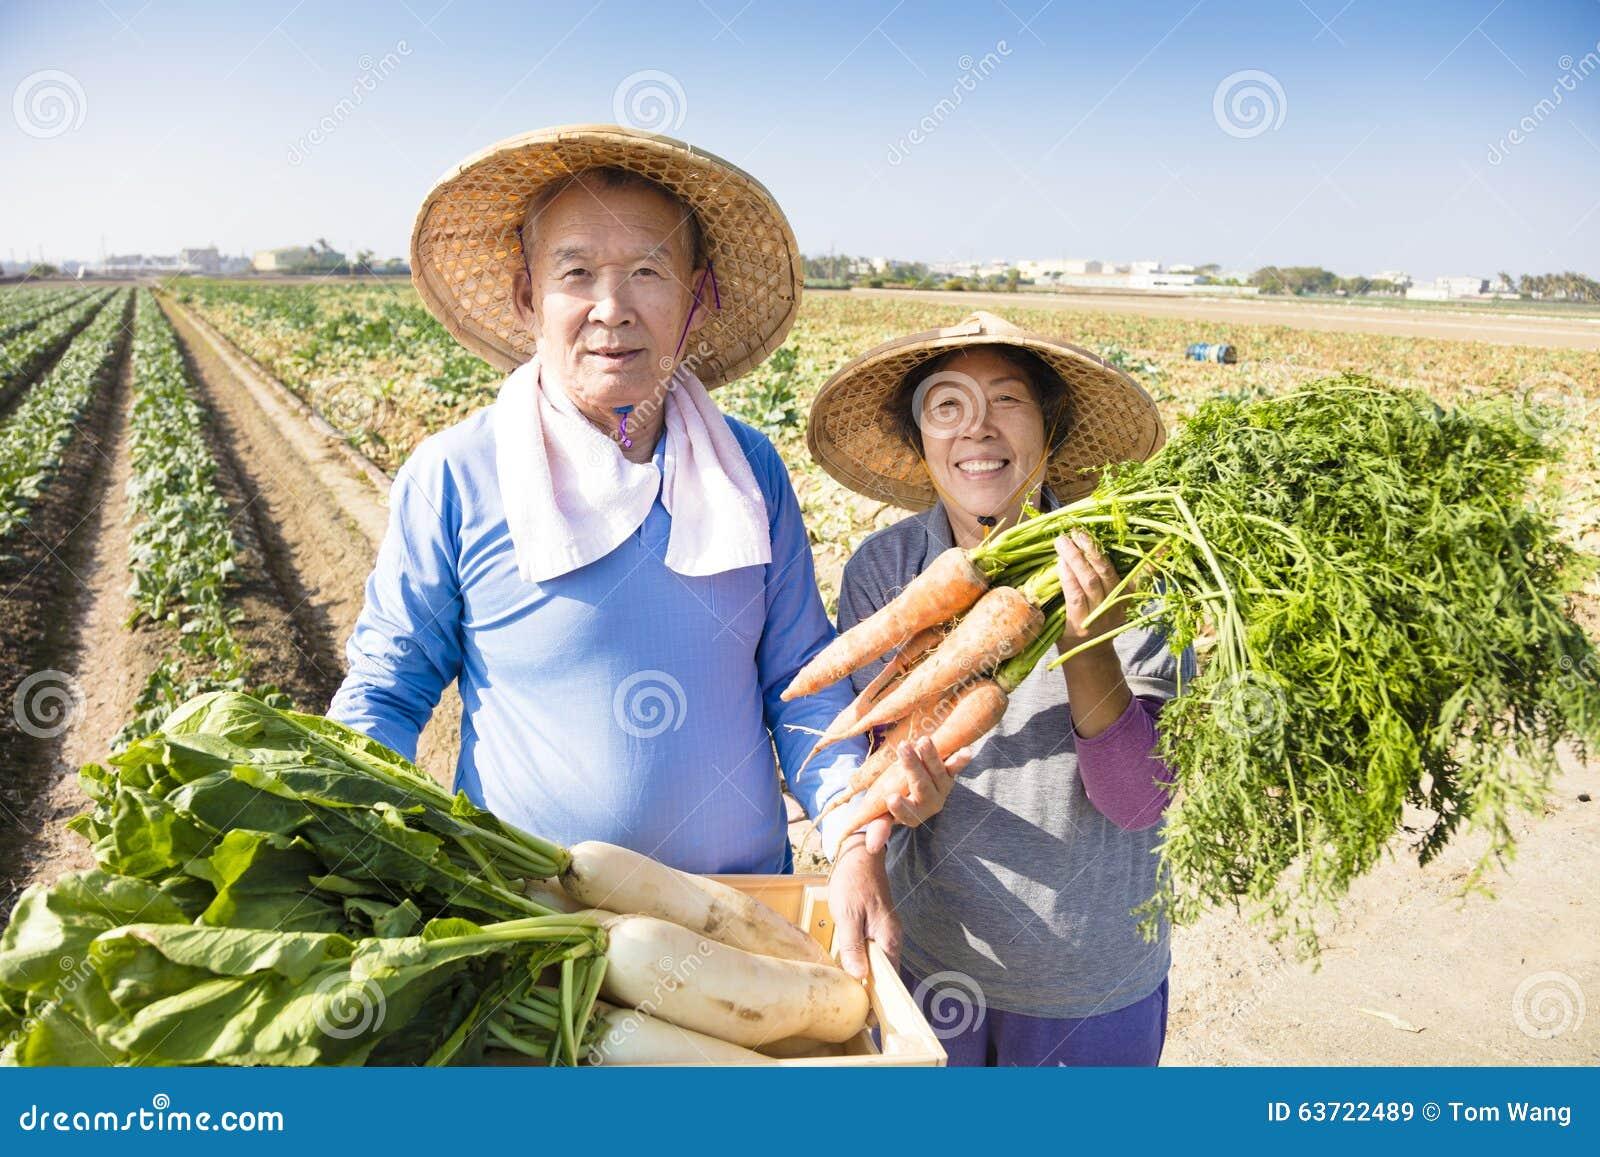 Glücklicher älterer Landwirt mit vielen Karotten in der Hand